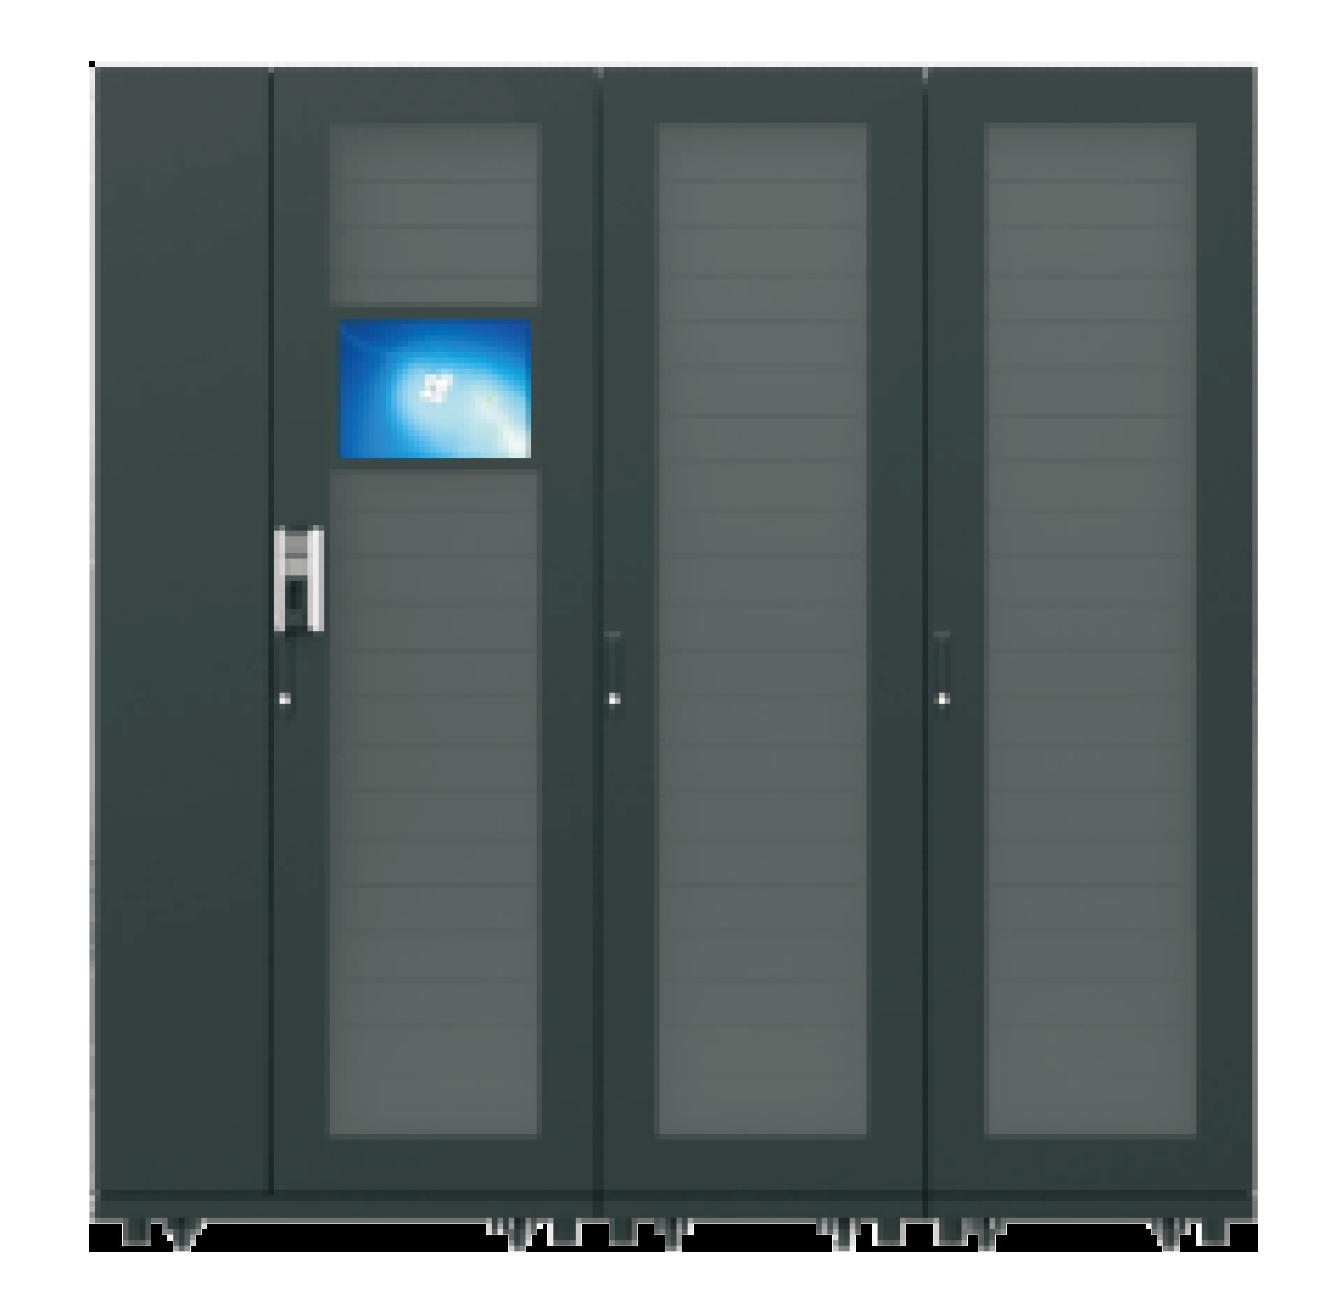 Energy Modular Data center